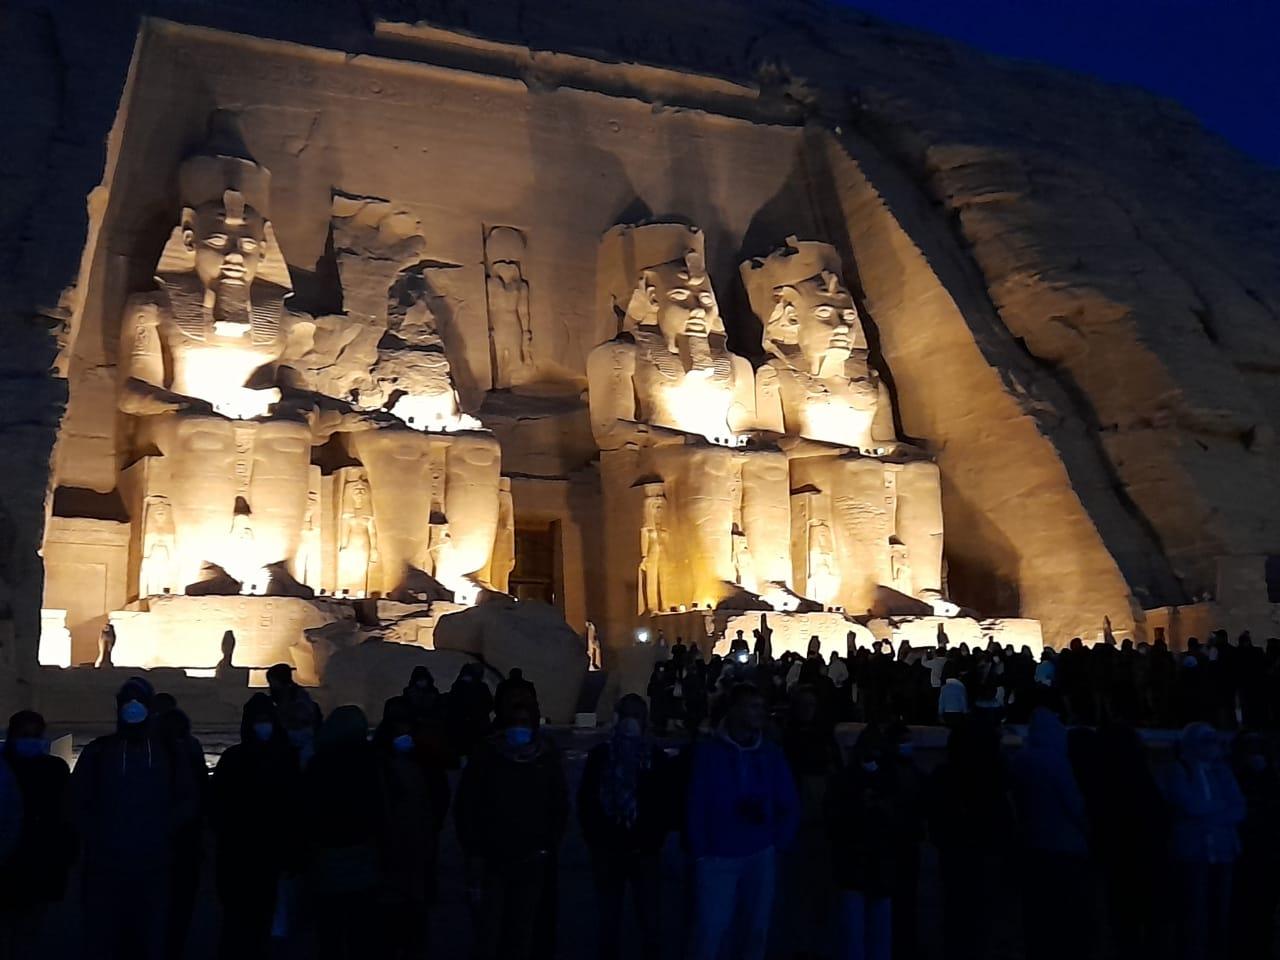 توافد الزوار على معبد أبوسمبل لحضور تعامد الشمس  (8)